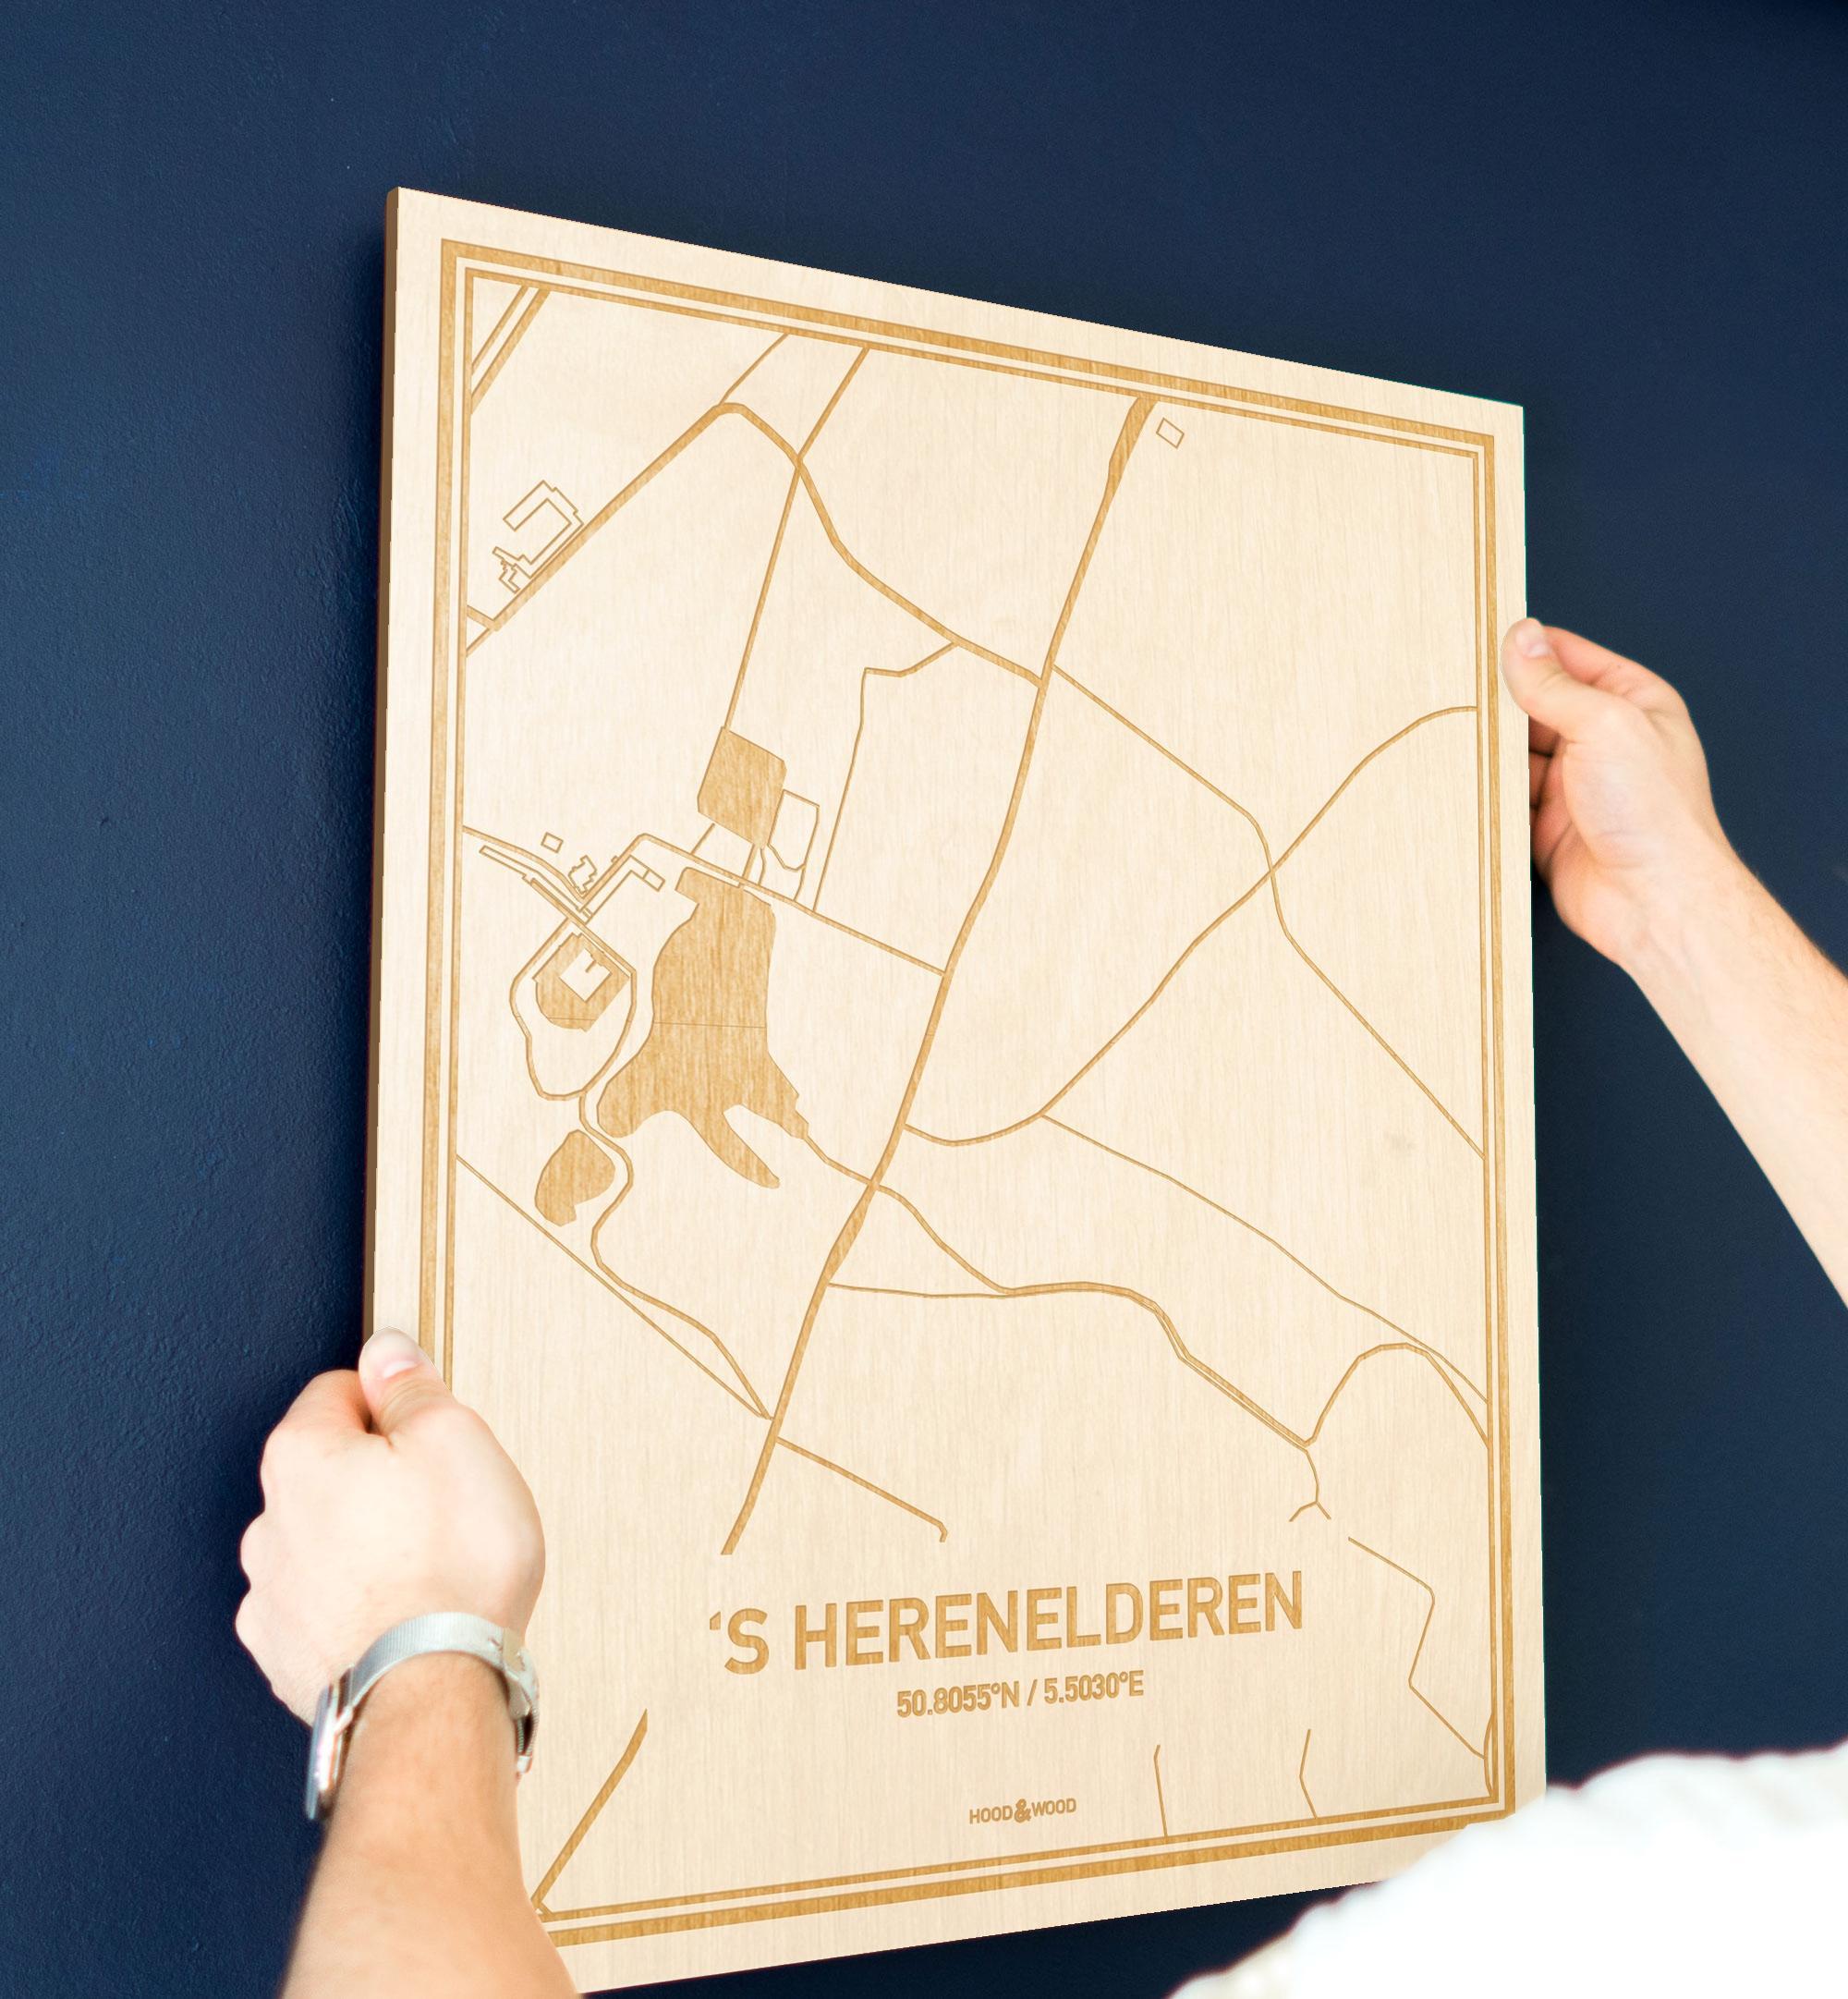 Een man hangt de houten plattegrond 'S Herenelderen aan zijn blauwe muur ter decoratie. Je ziet alleen zijn handen de kaart van deze unieke in Limburg vasthouden.